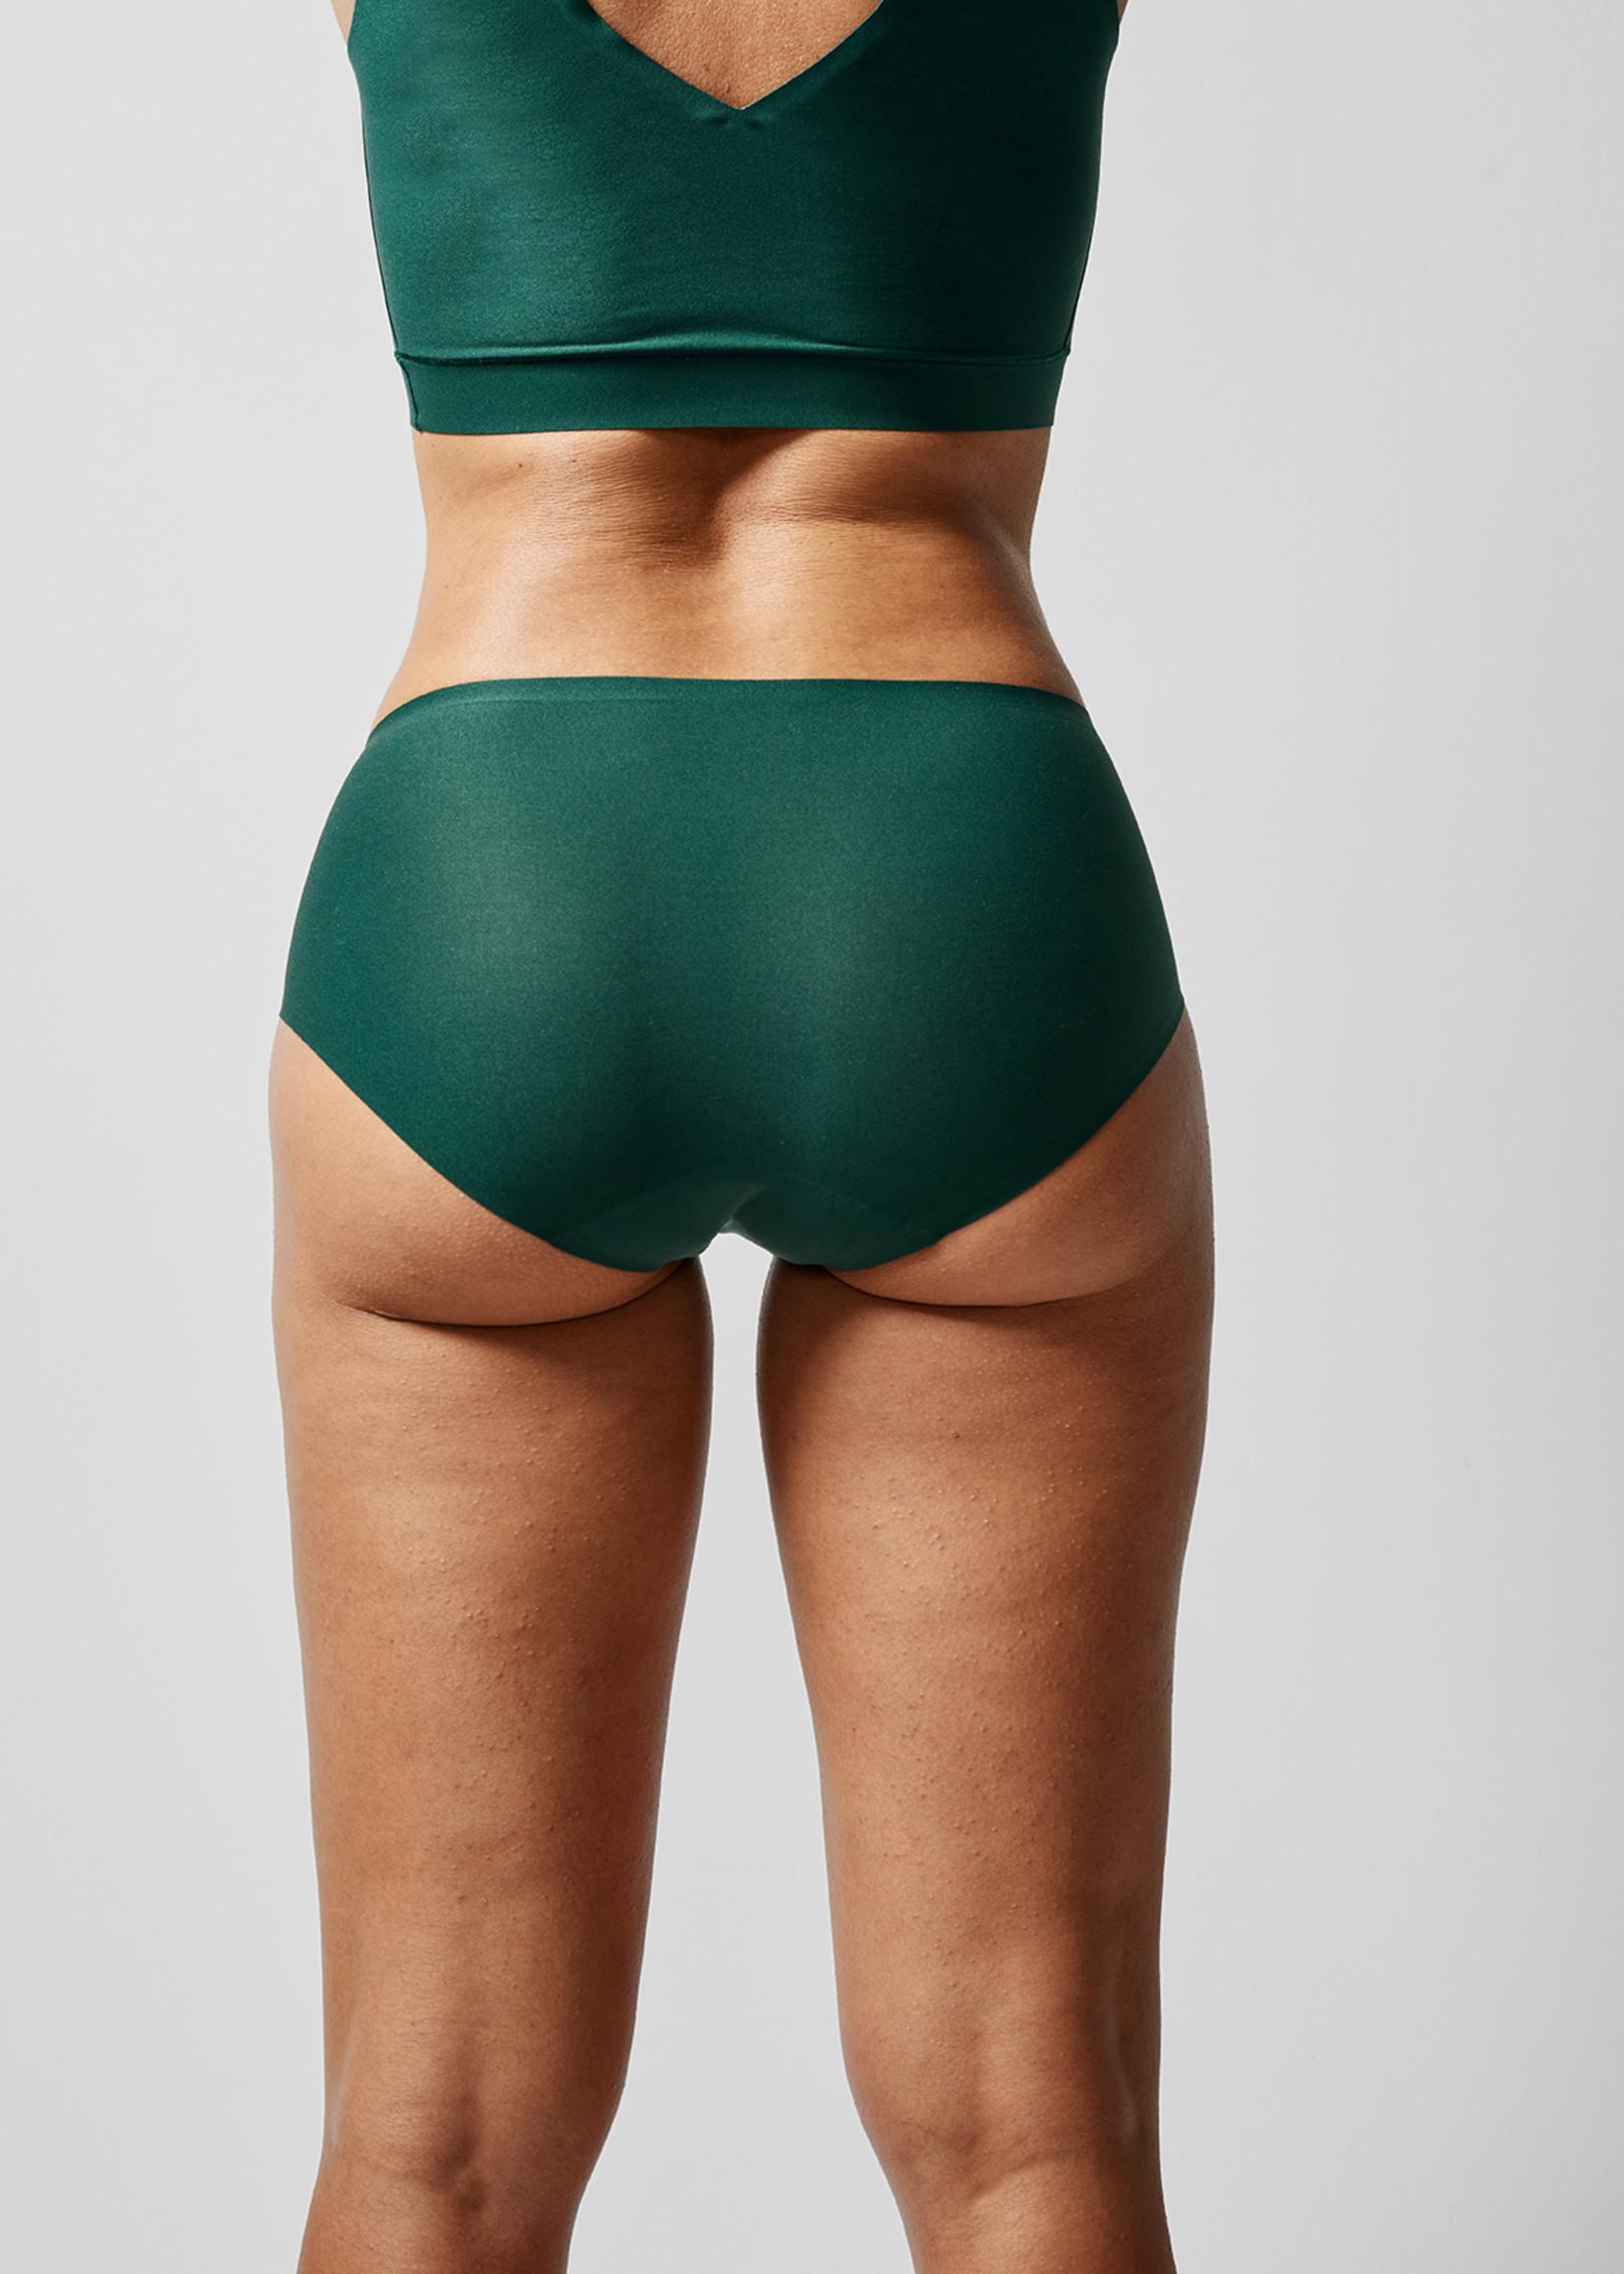 Chantelle Soft Stretch: Fashion Full Brief 2647